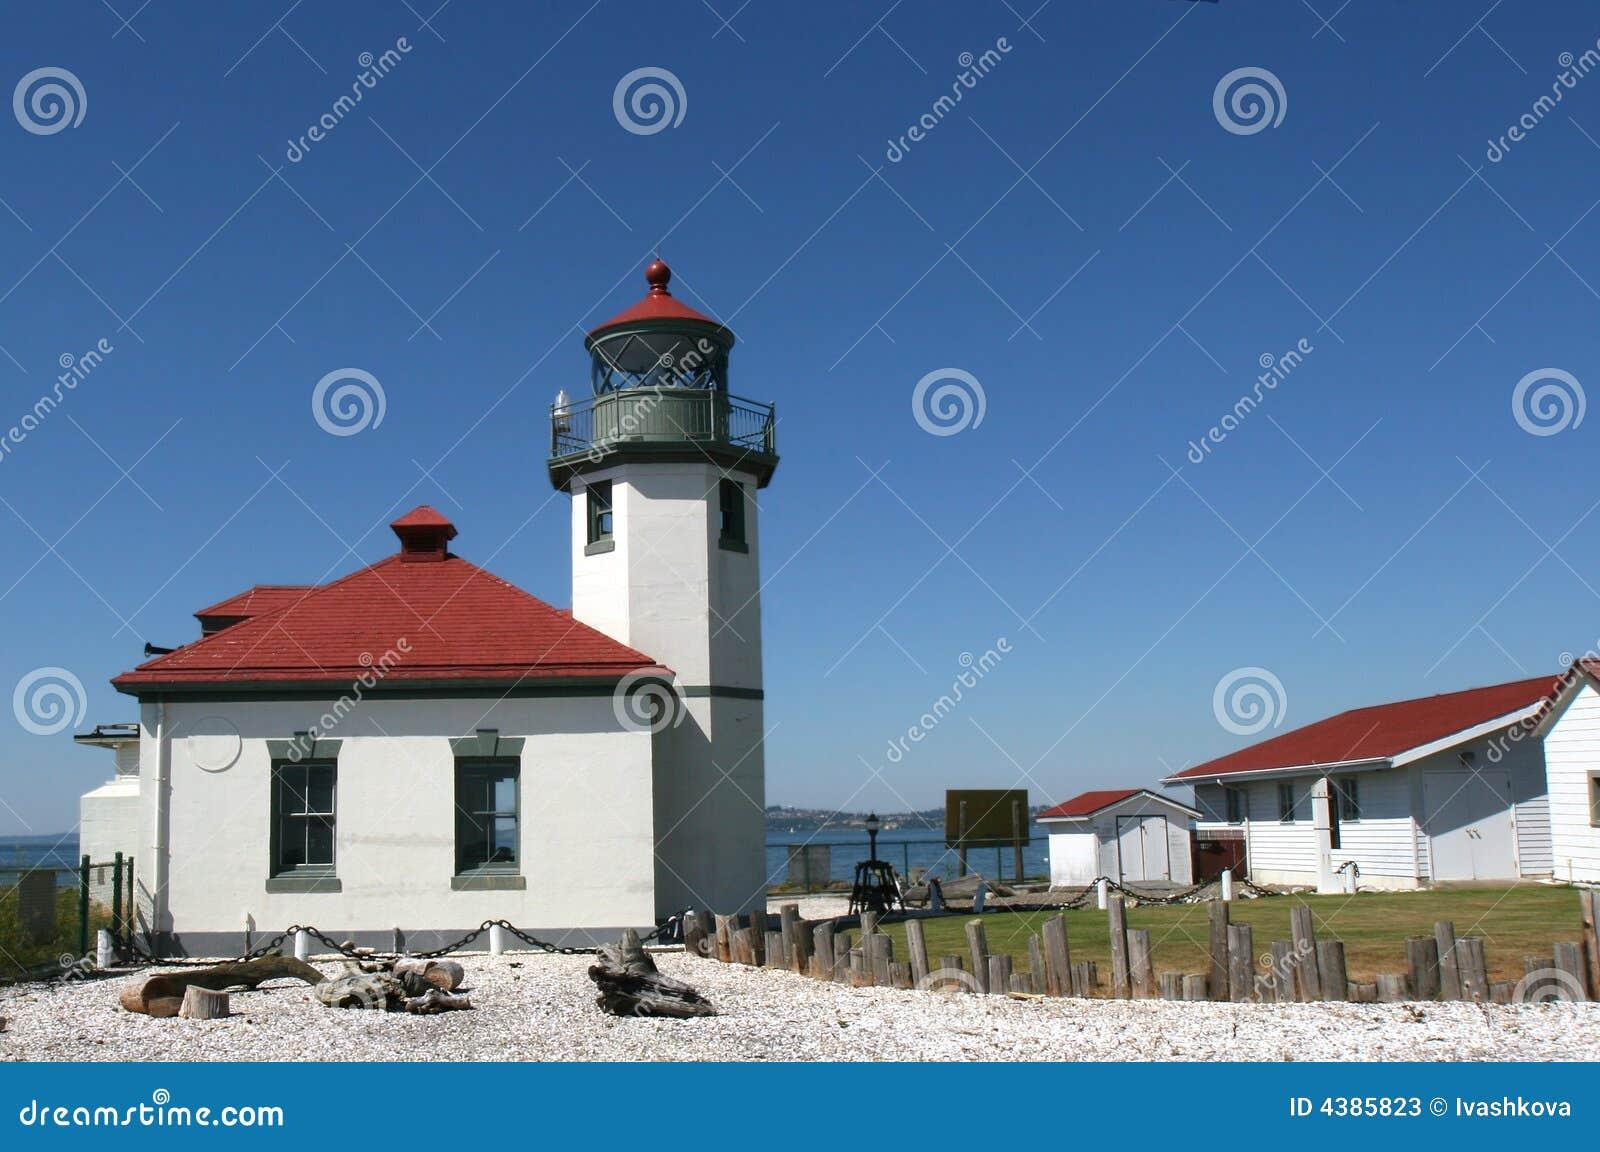 Alki beach lighthouse